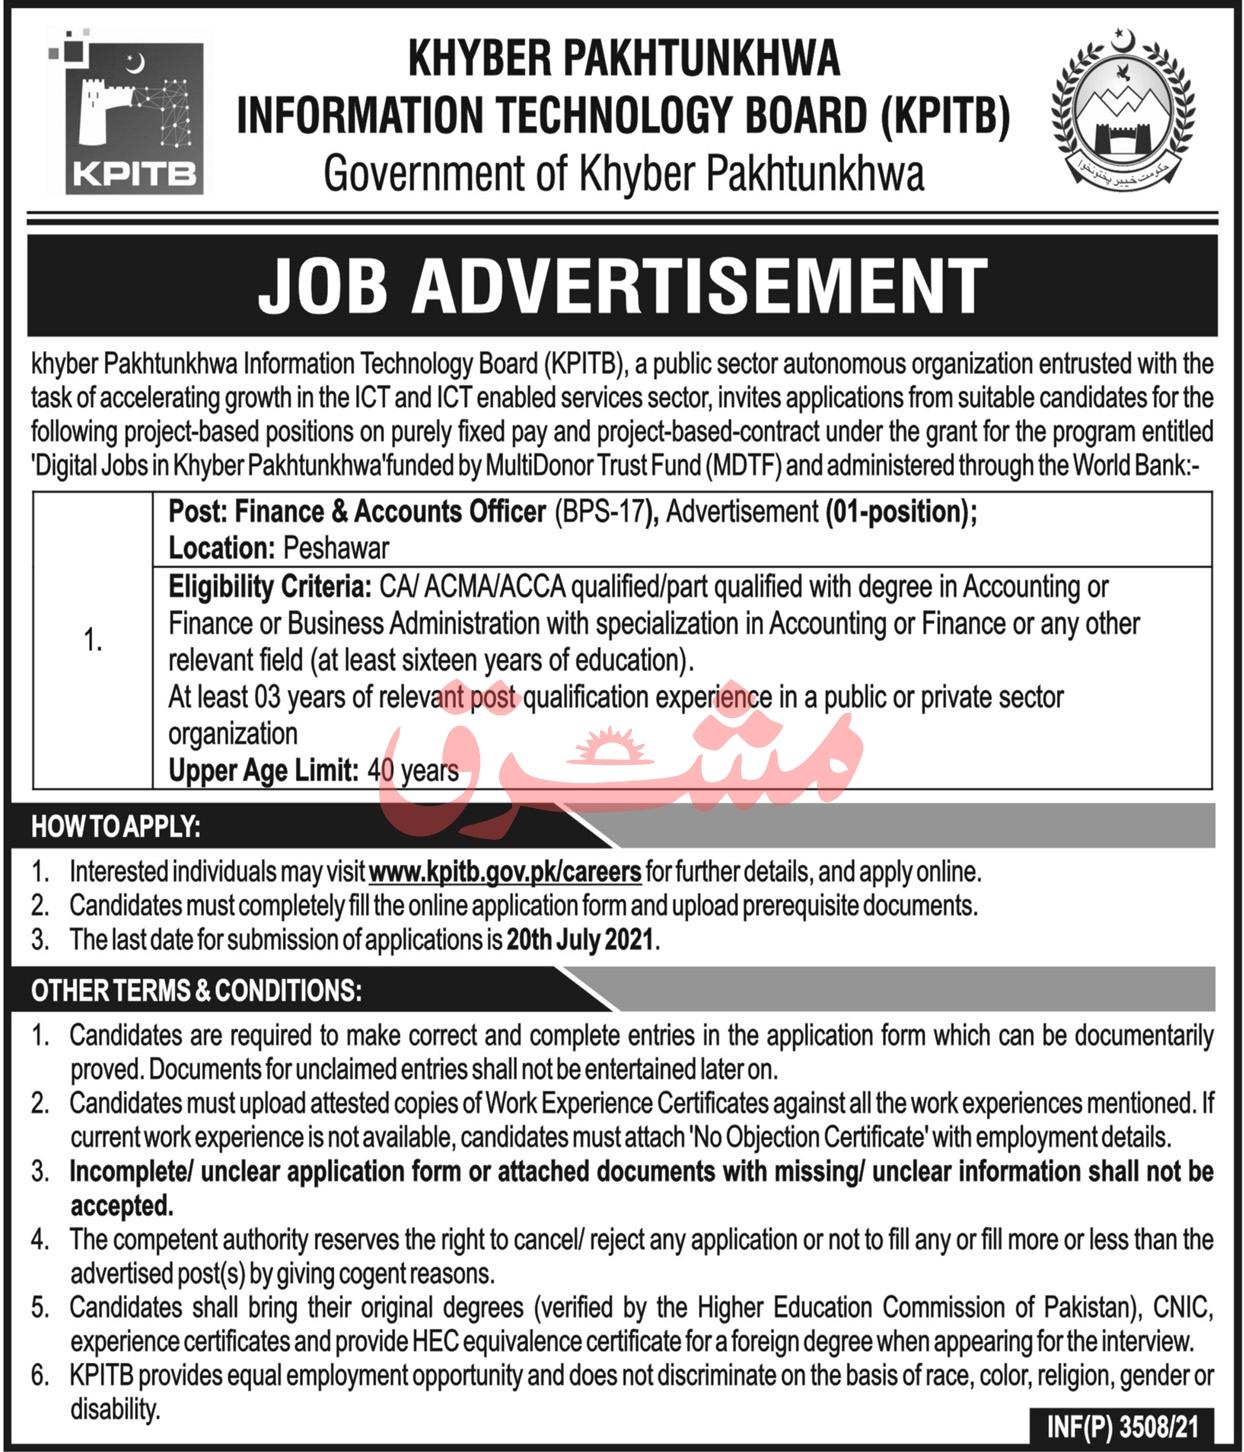 www.kpitb.gov.pk Jobs 2021 - Khyber Pakhtunkhwa Information Technology Board (KPITB) Jobs 2021 in Pakistan